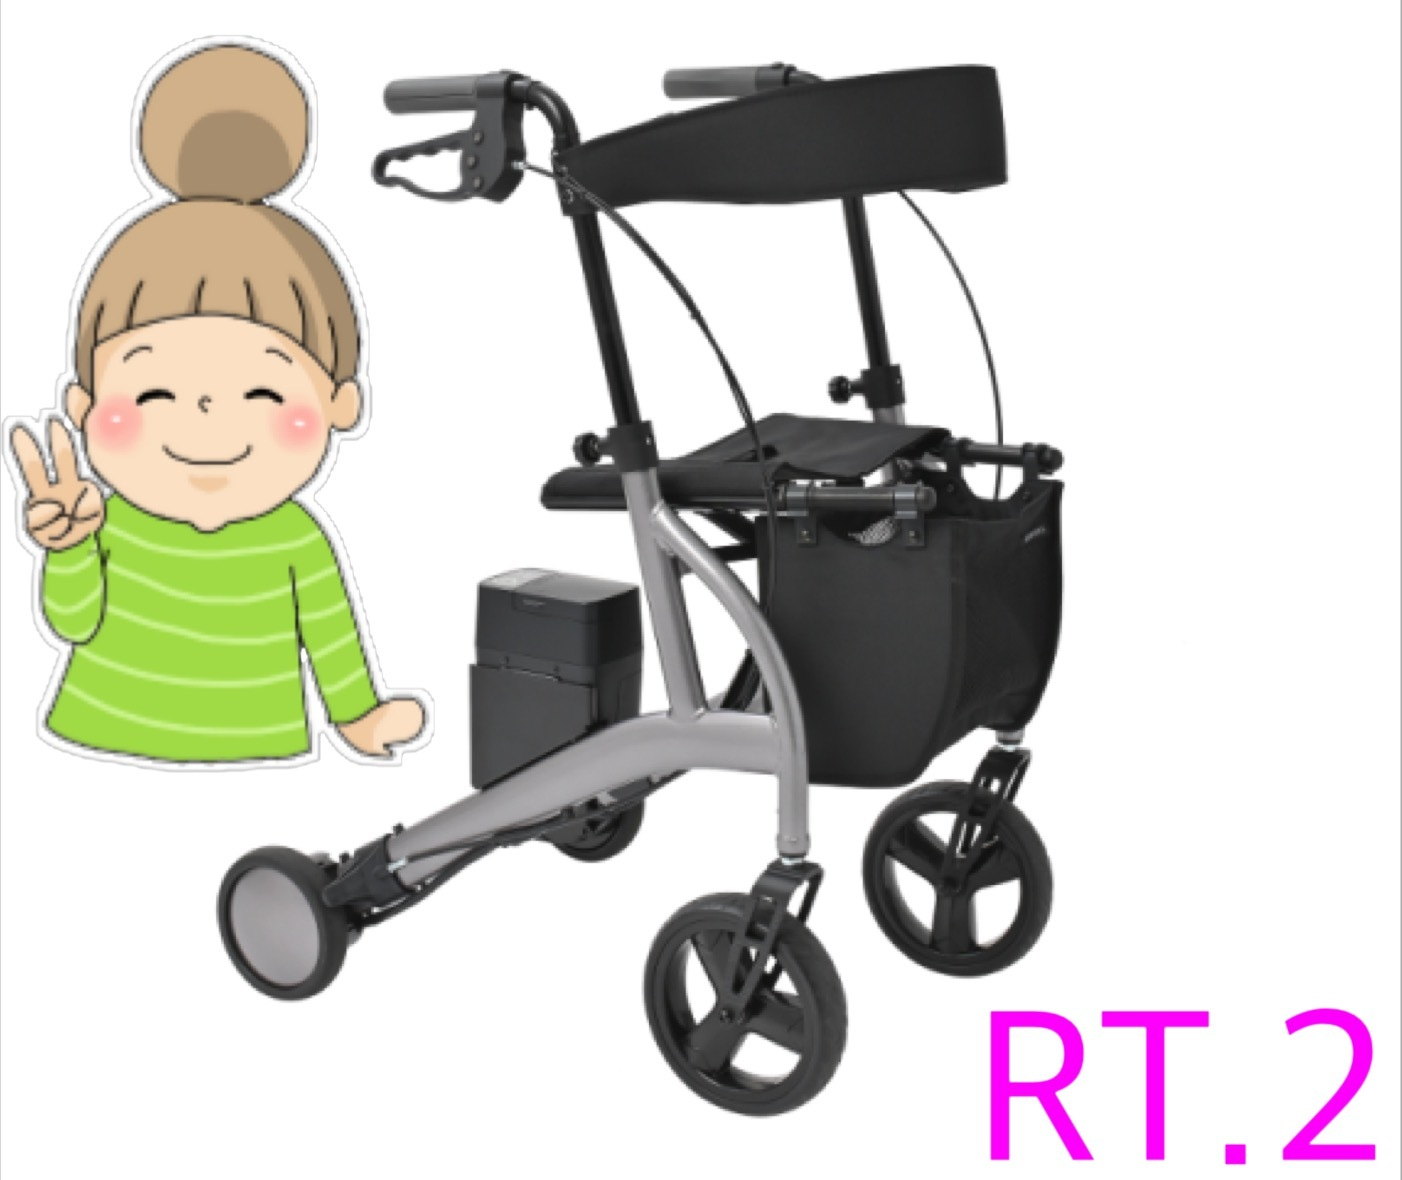 坂道でも安心 快適な歩行 電動歩行器 アシスト 電動アシスト歩行器 ロボットアシストウォーカー 定価の67%OFF T.2 R 新品